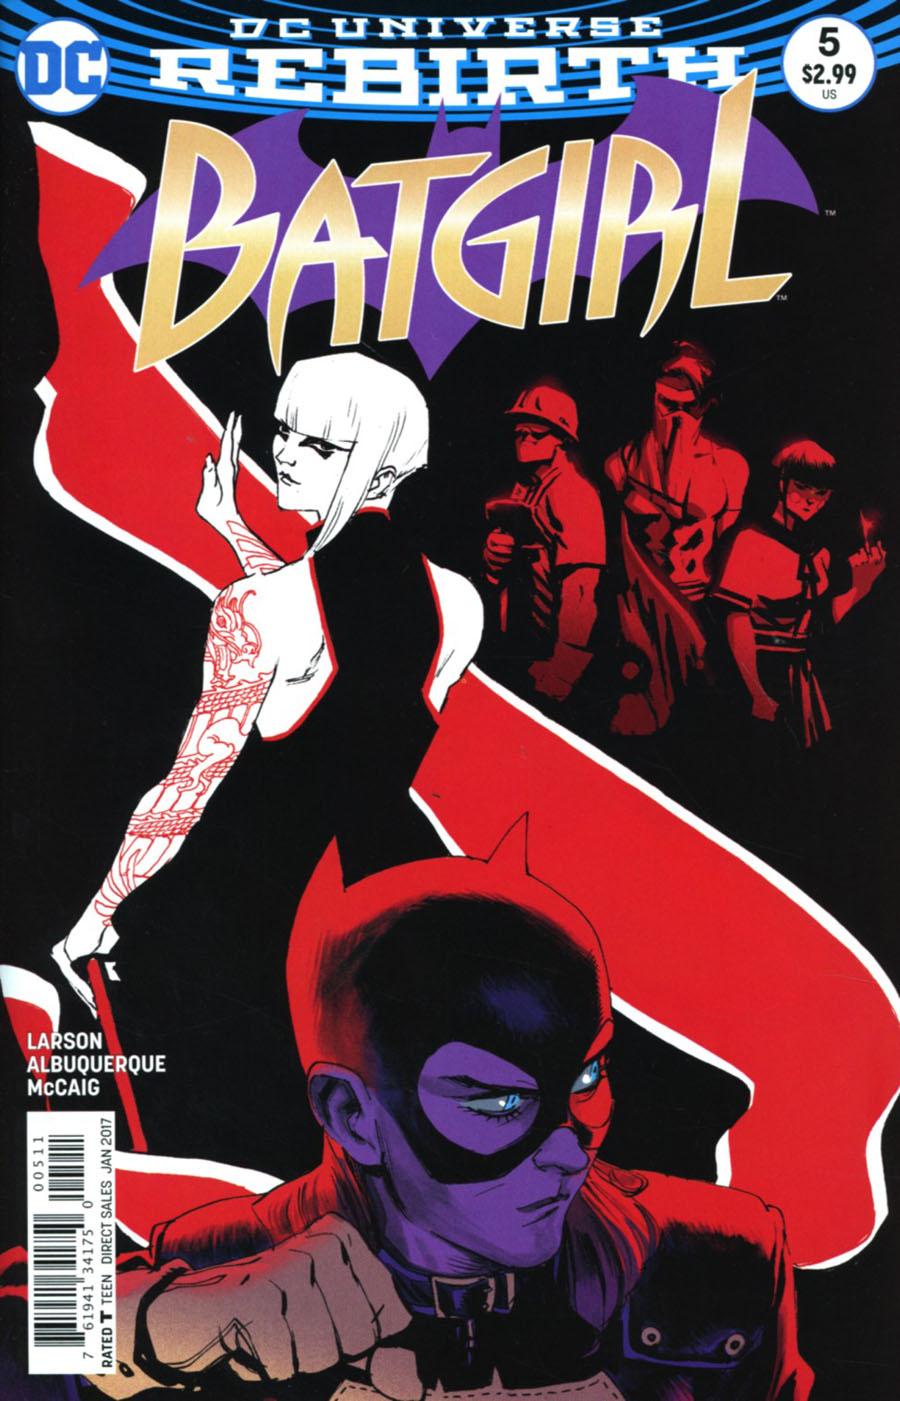 Batgirl Vol 5 #5 Cover A Regular Rafael Albuquerque Cover